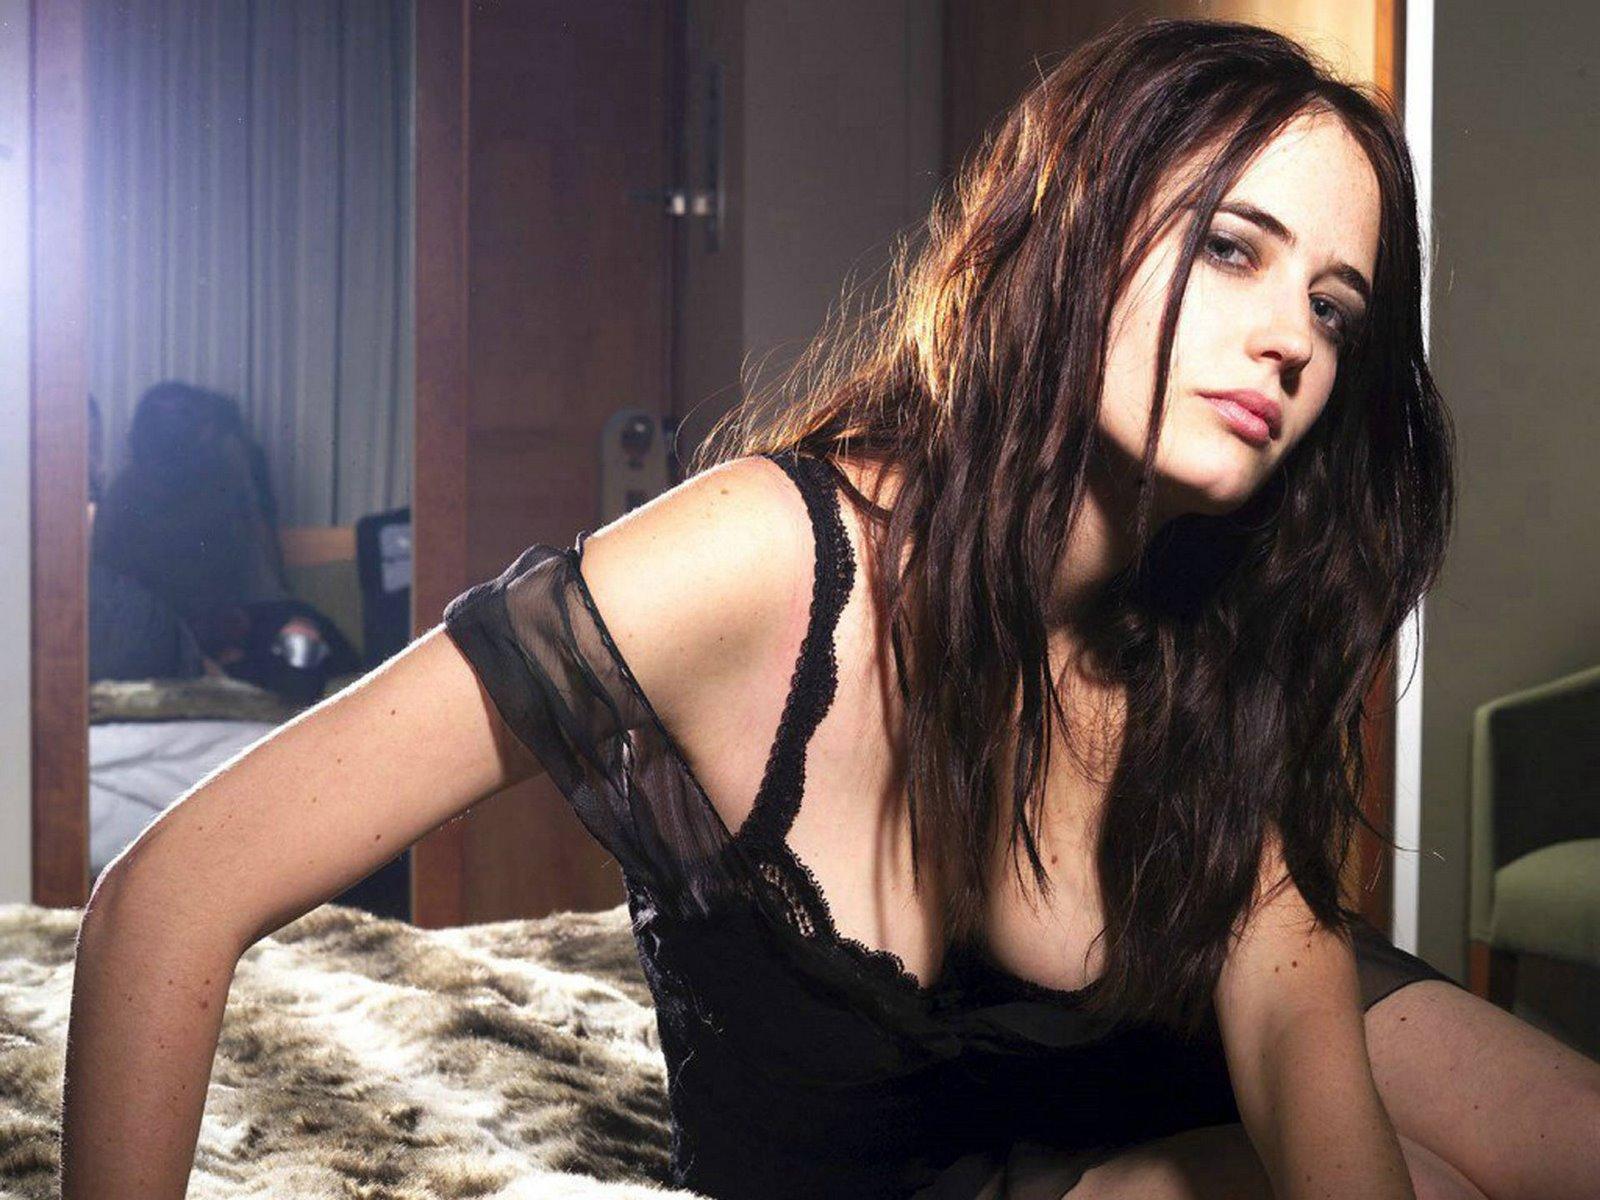 http://3.bp.blogspot.com/-COBsCei2q38/Tzq3q9qeyoI/AAAAAAAABt8/5p4OI6q3G5o/s1600/Eva+Green+Hot4.jpg